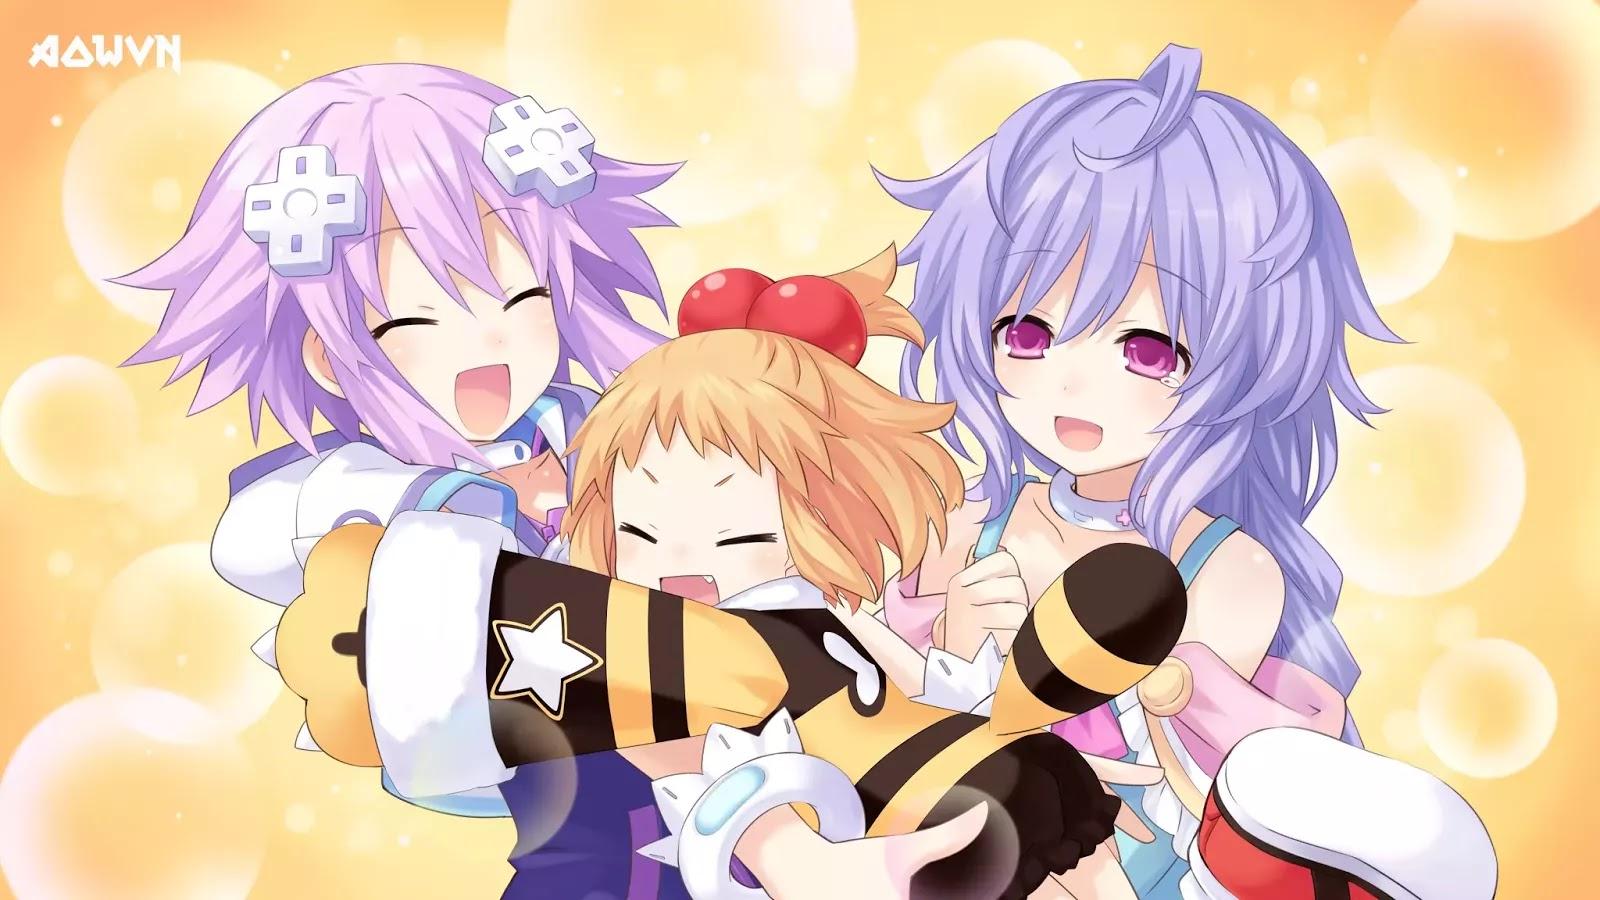 AowVN.org min%2B%252835%2529 - [ Hình Nền ] Game Hyperdimension Neptunia cực đẹp | Anime Wallpapers